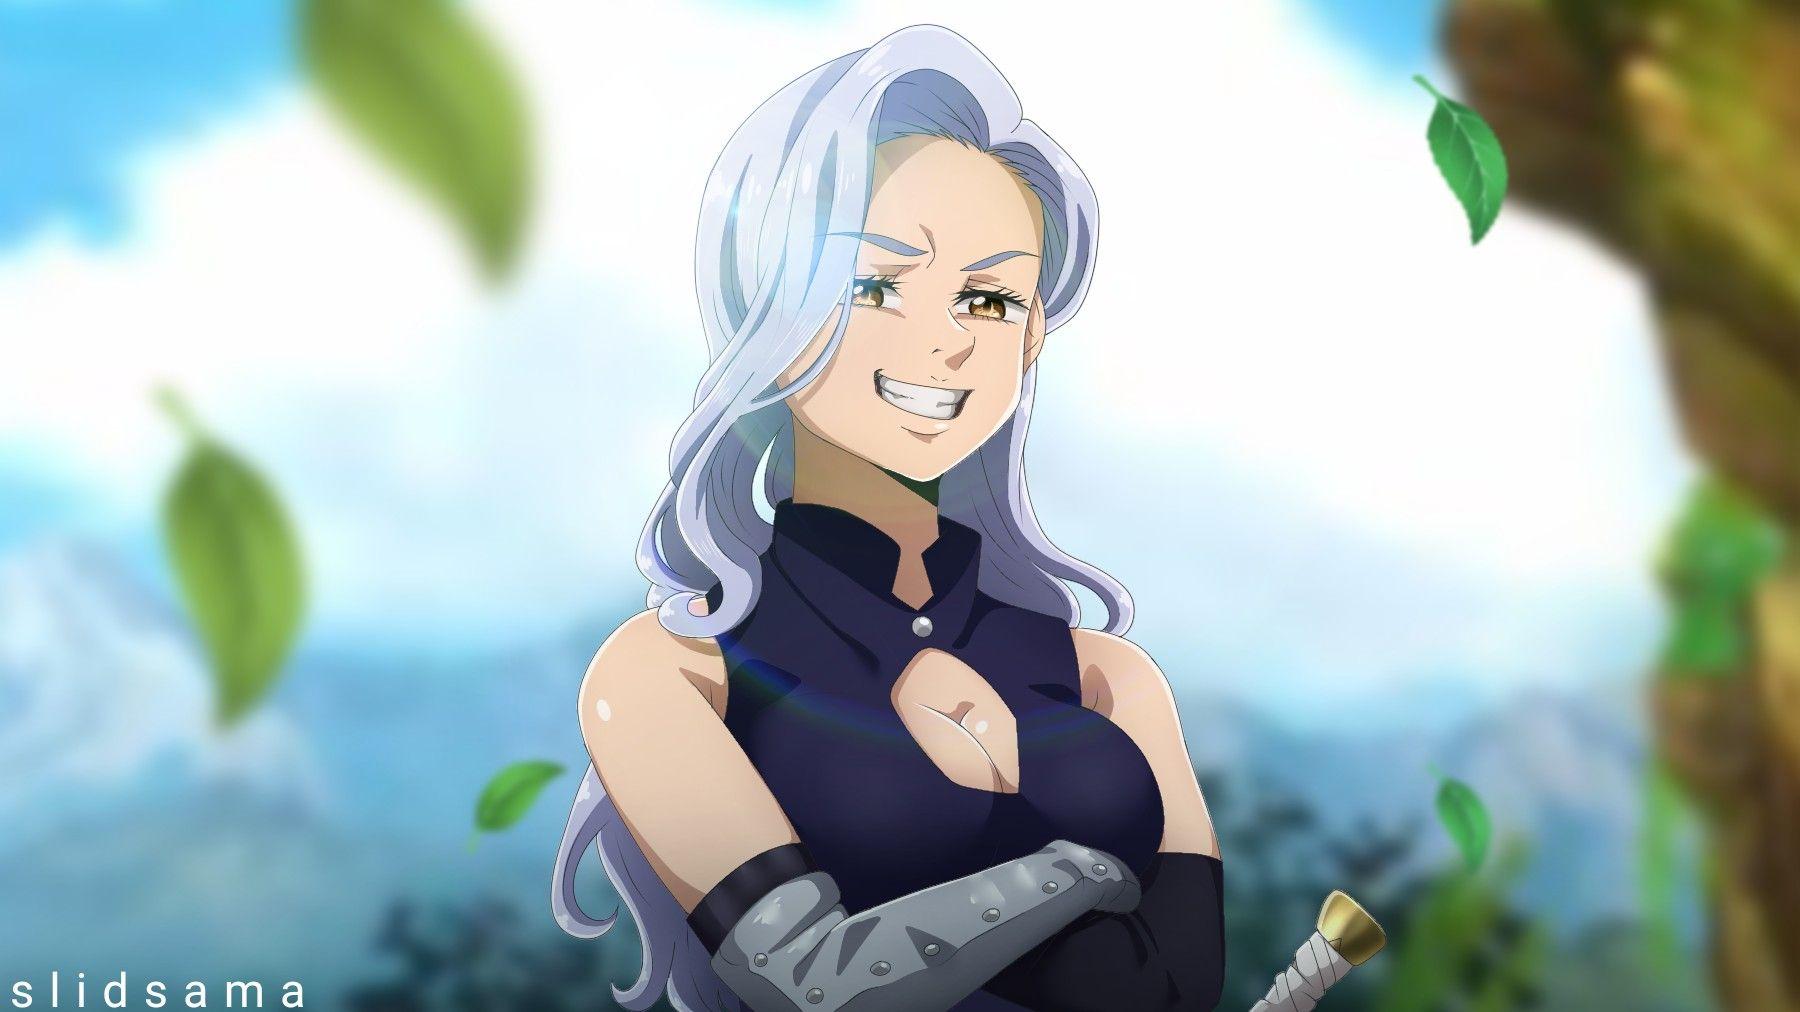 Hijo Tristan Nanatsu No Taizai Jericho en 2020 | Fortnite personajes, Anime 7 pecados ...